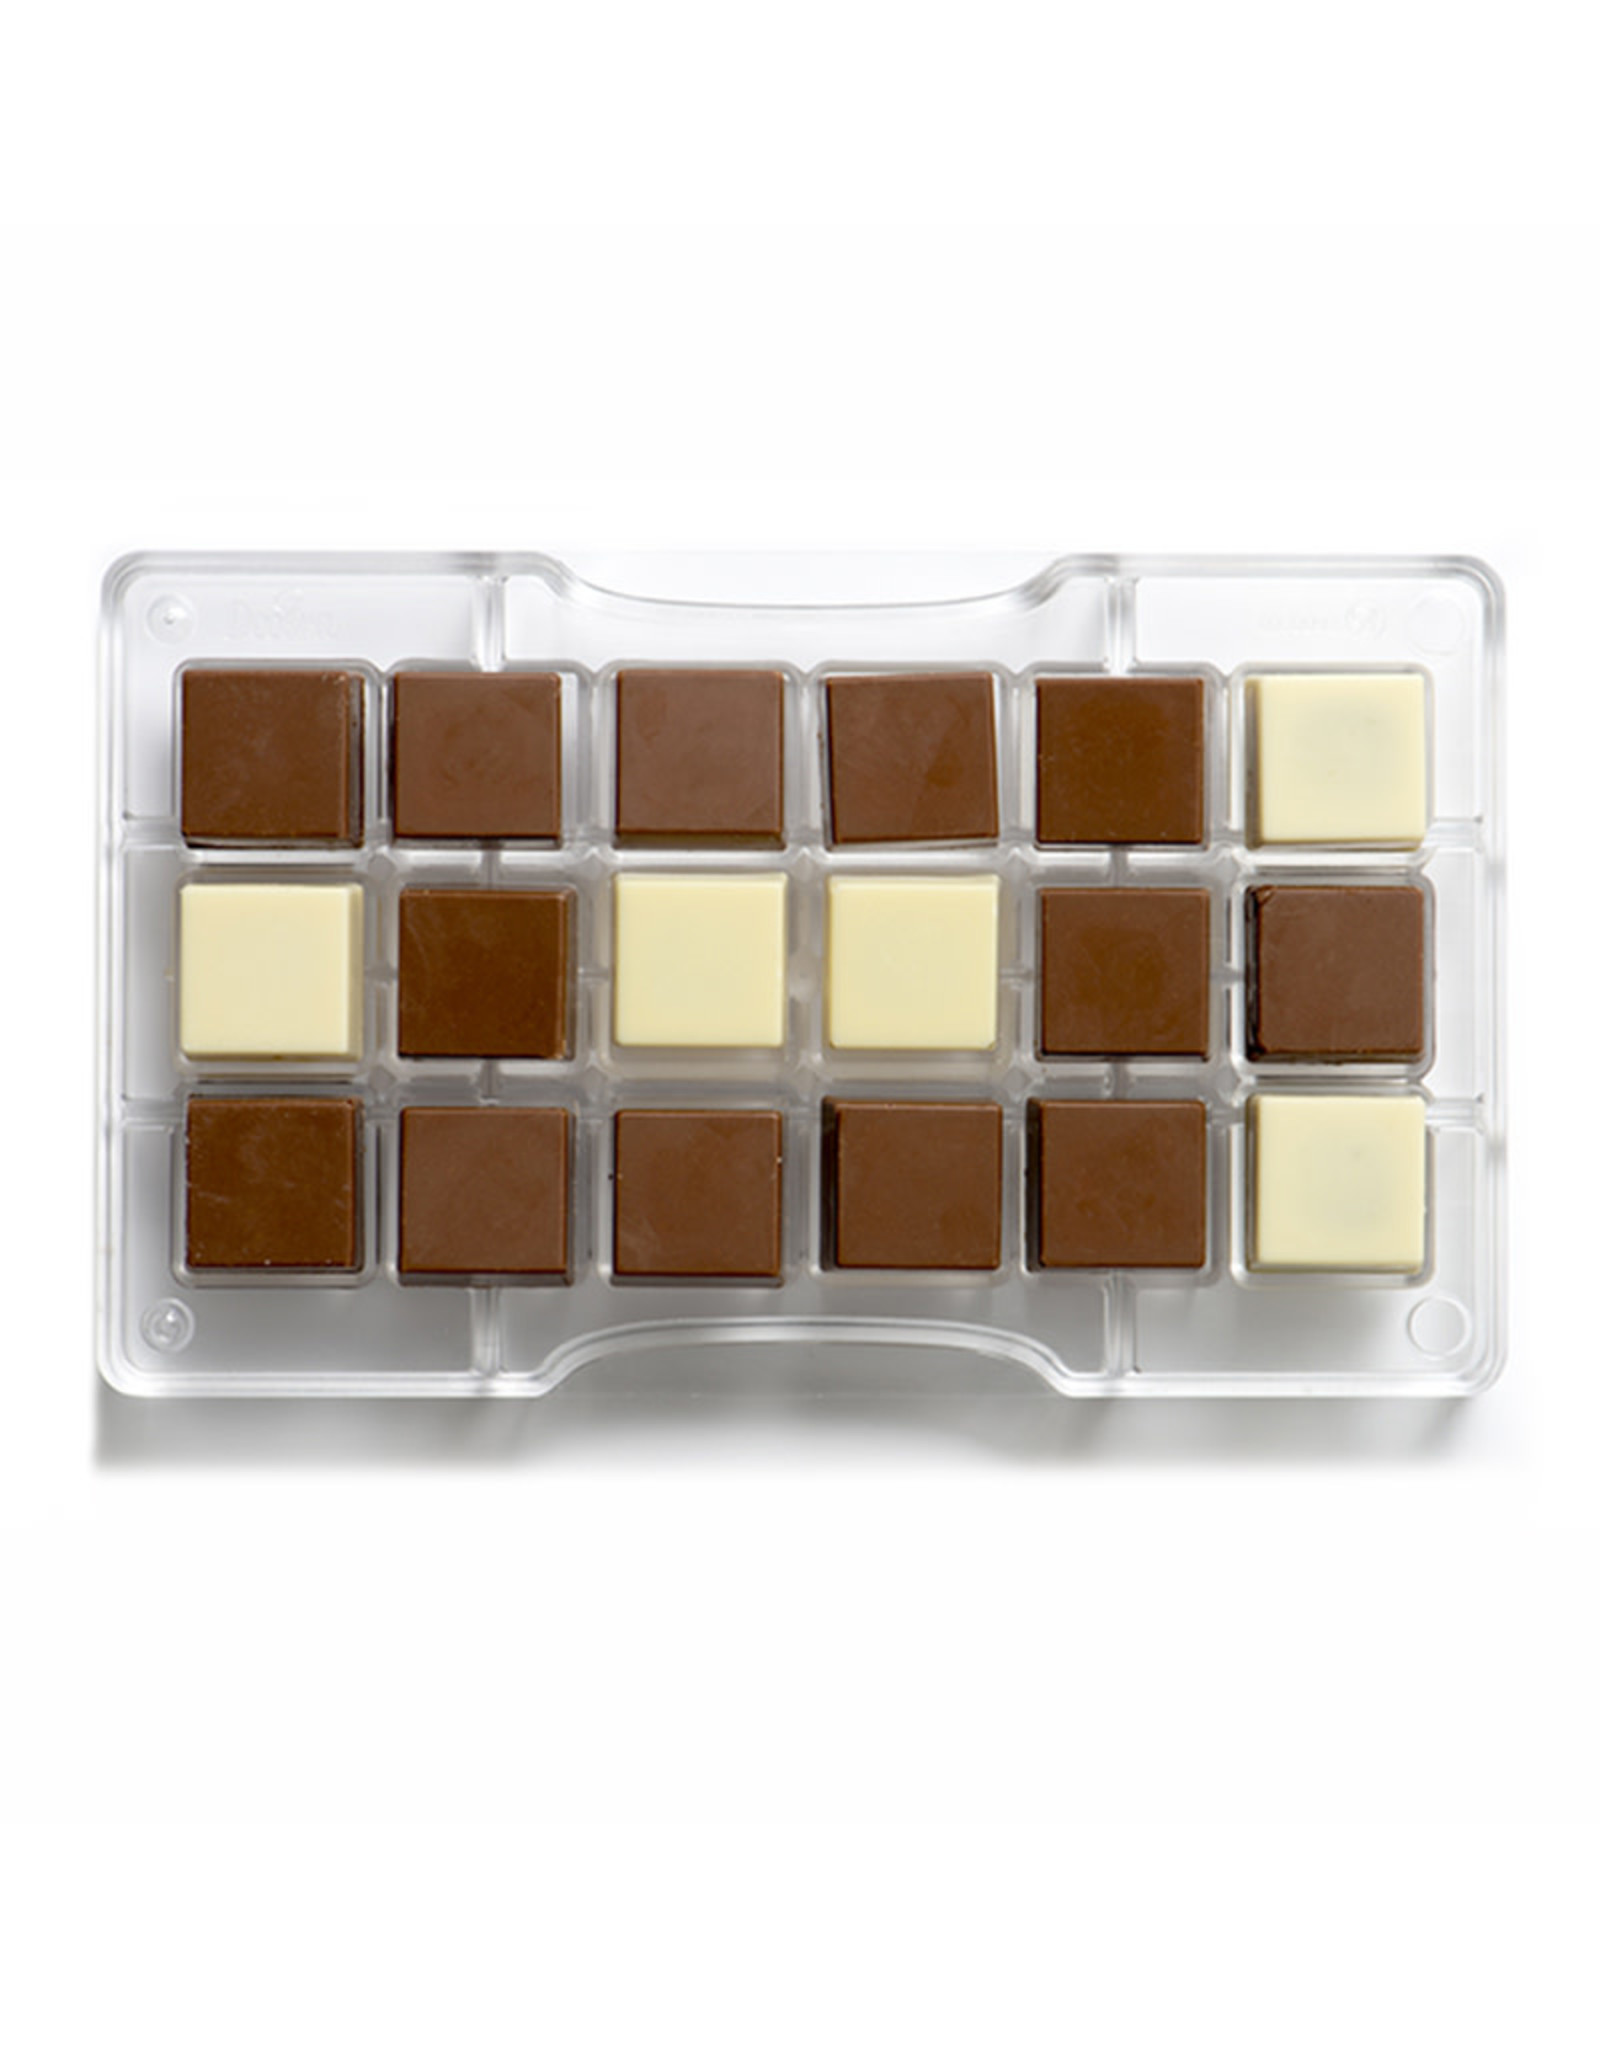 Decora Chocoladevorm polycarbonaat vierkant 25x25mm